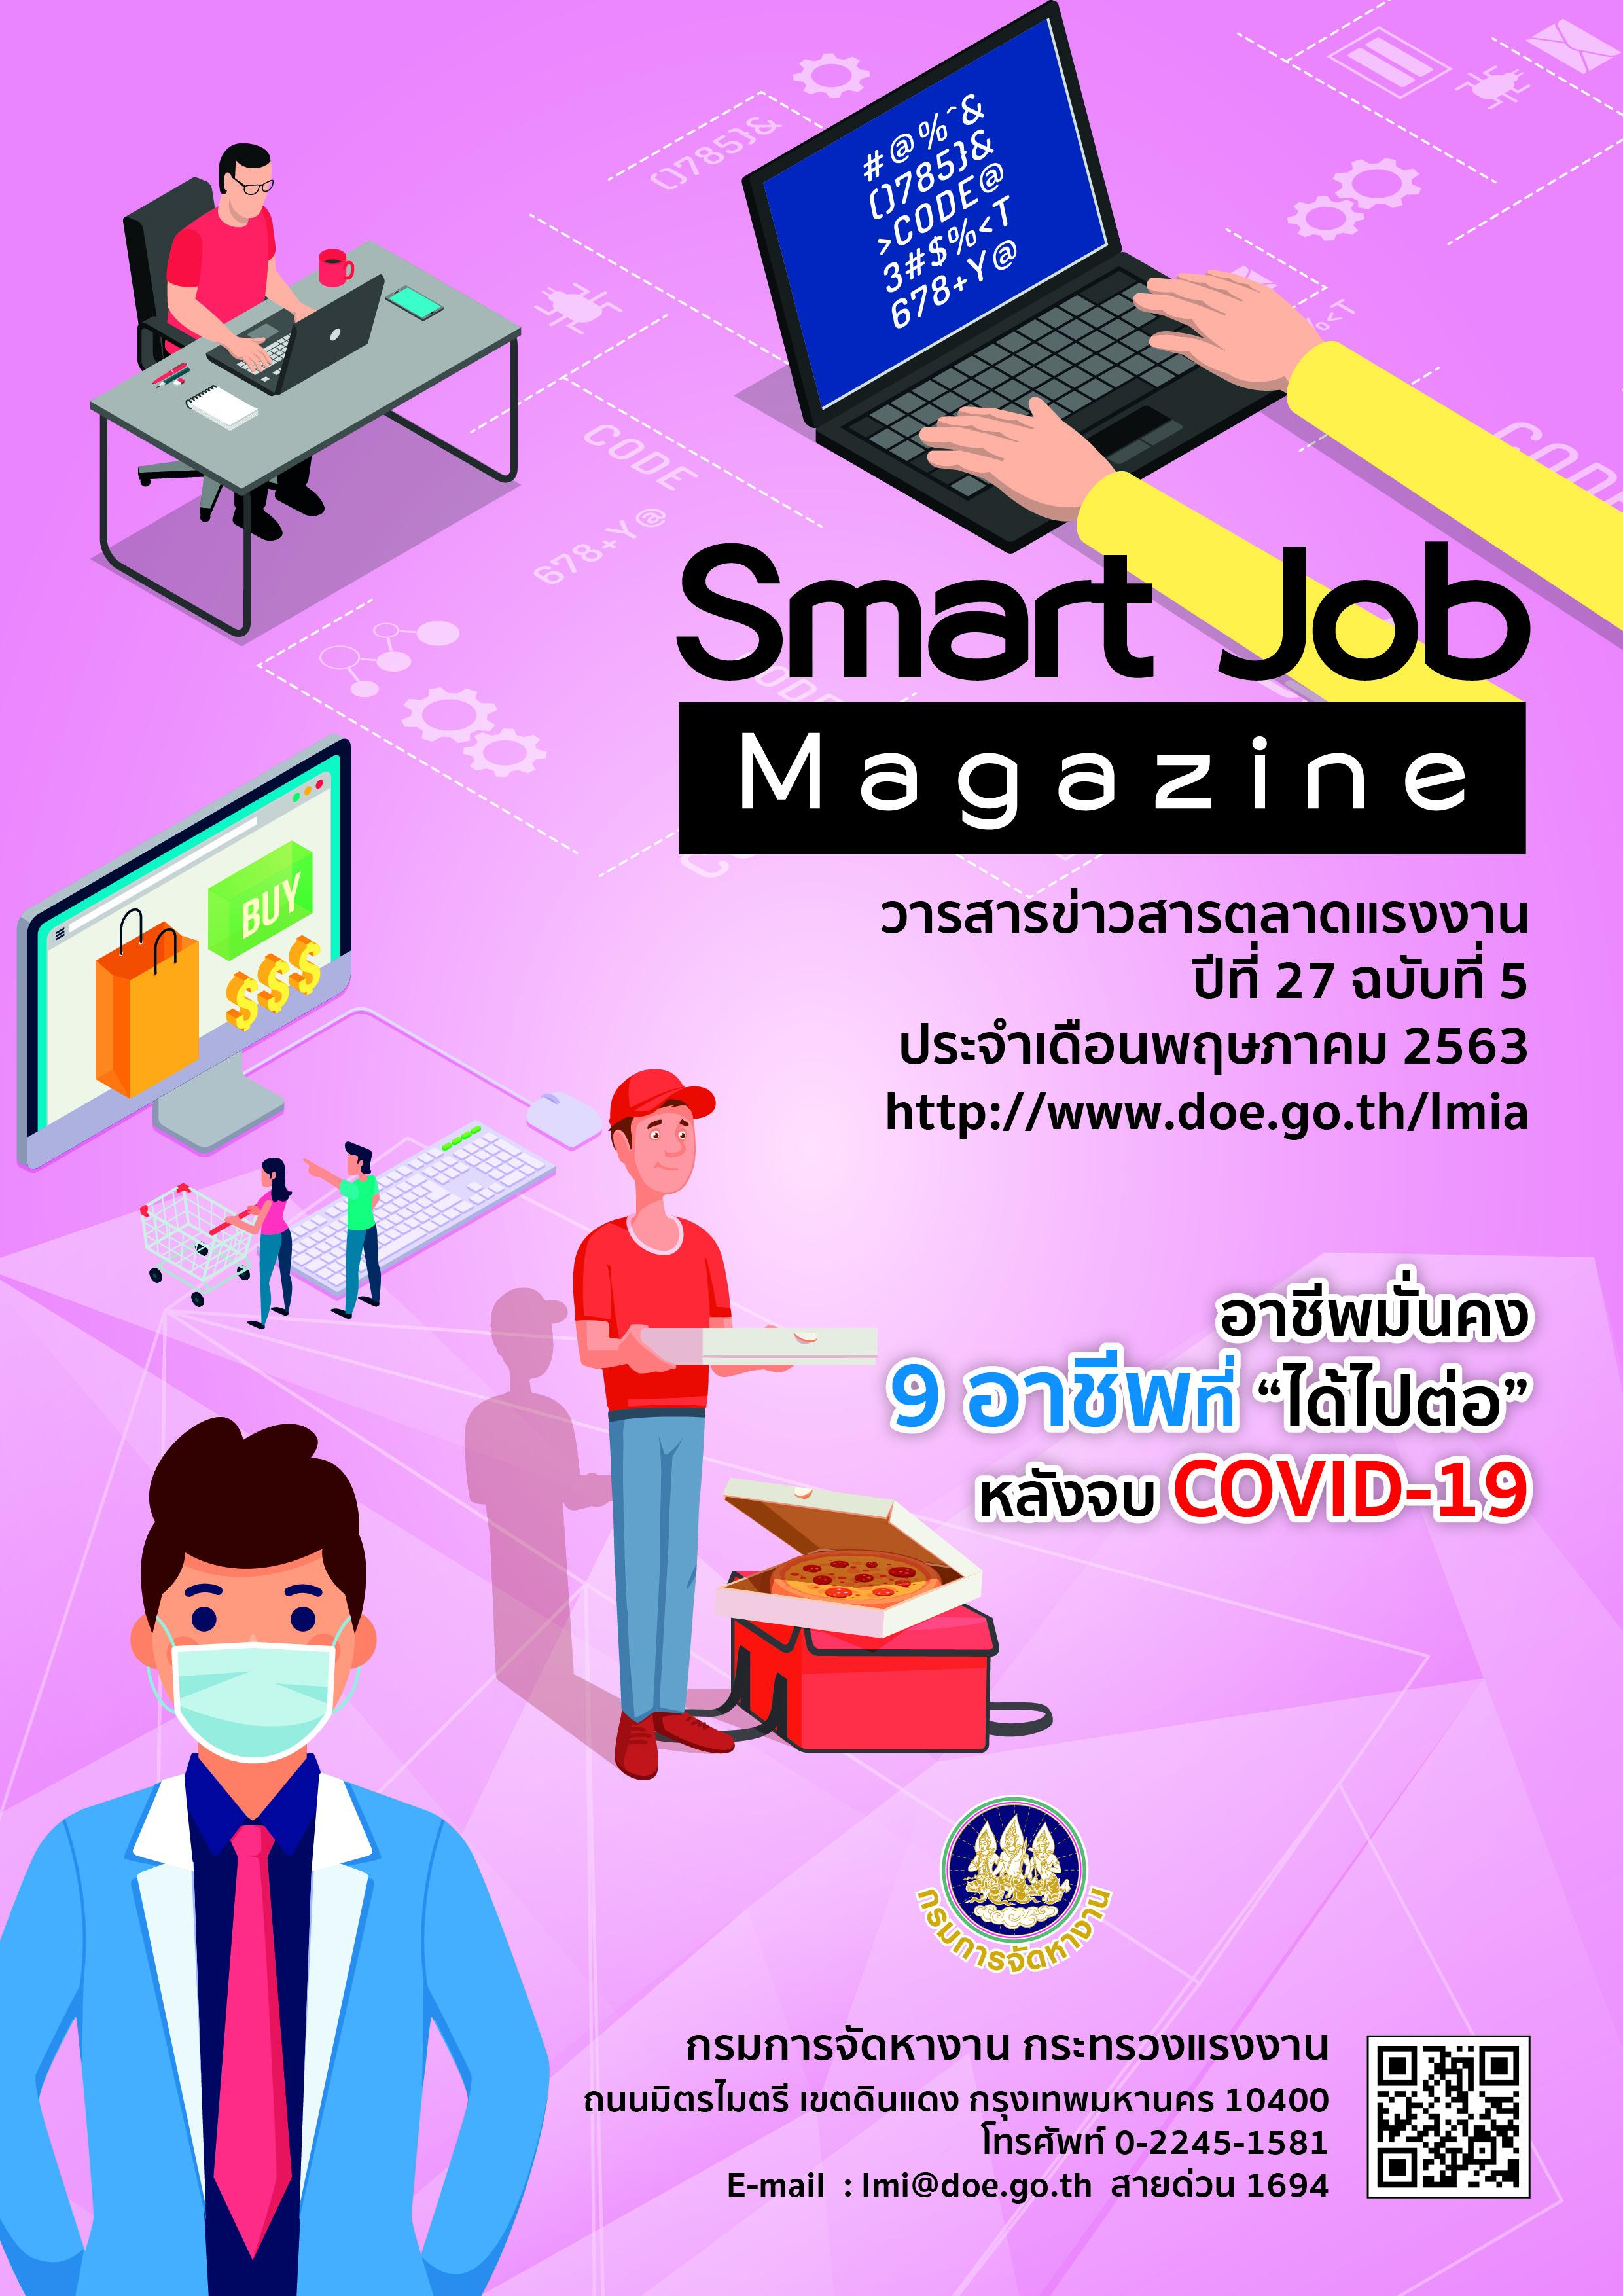 วารสารข่าวสารตลาดแรงงาน Smart Job Magazine ประจำเดือนพฤษภาคม 2563